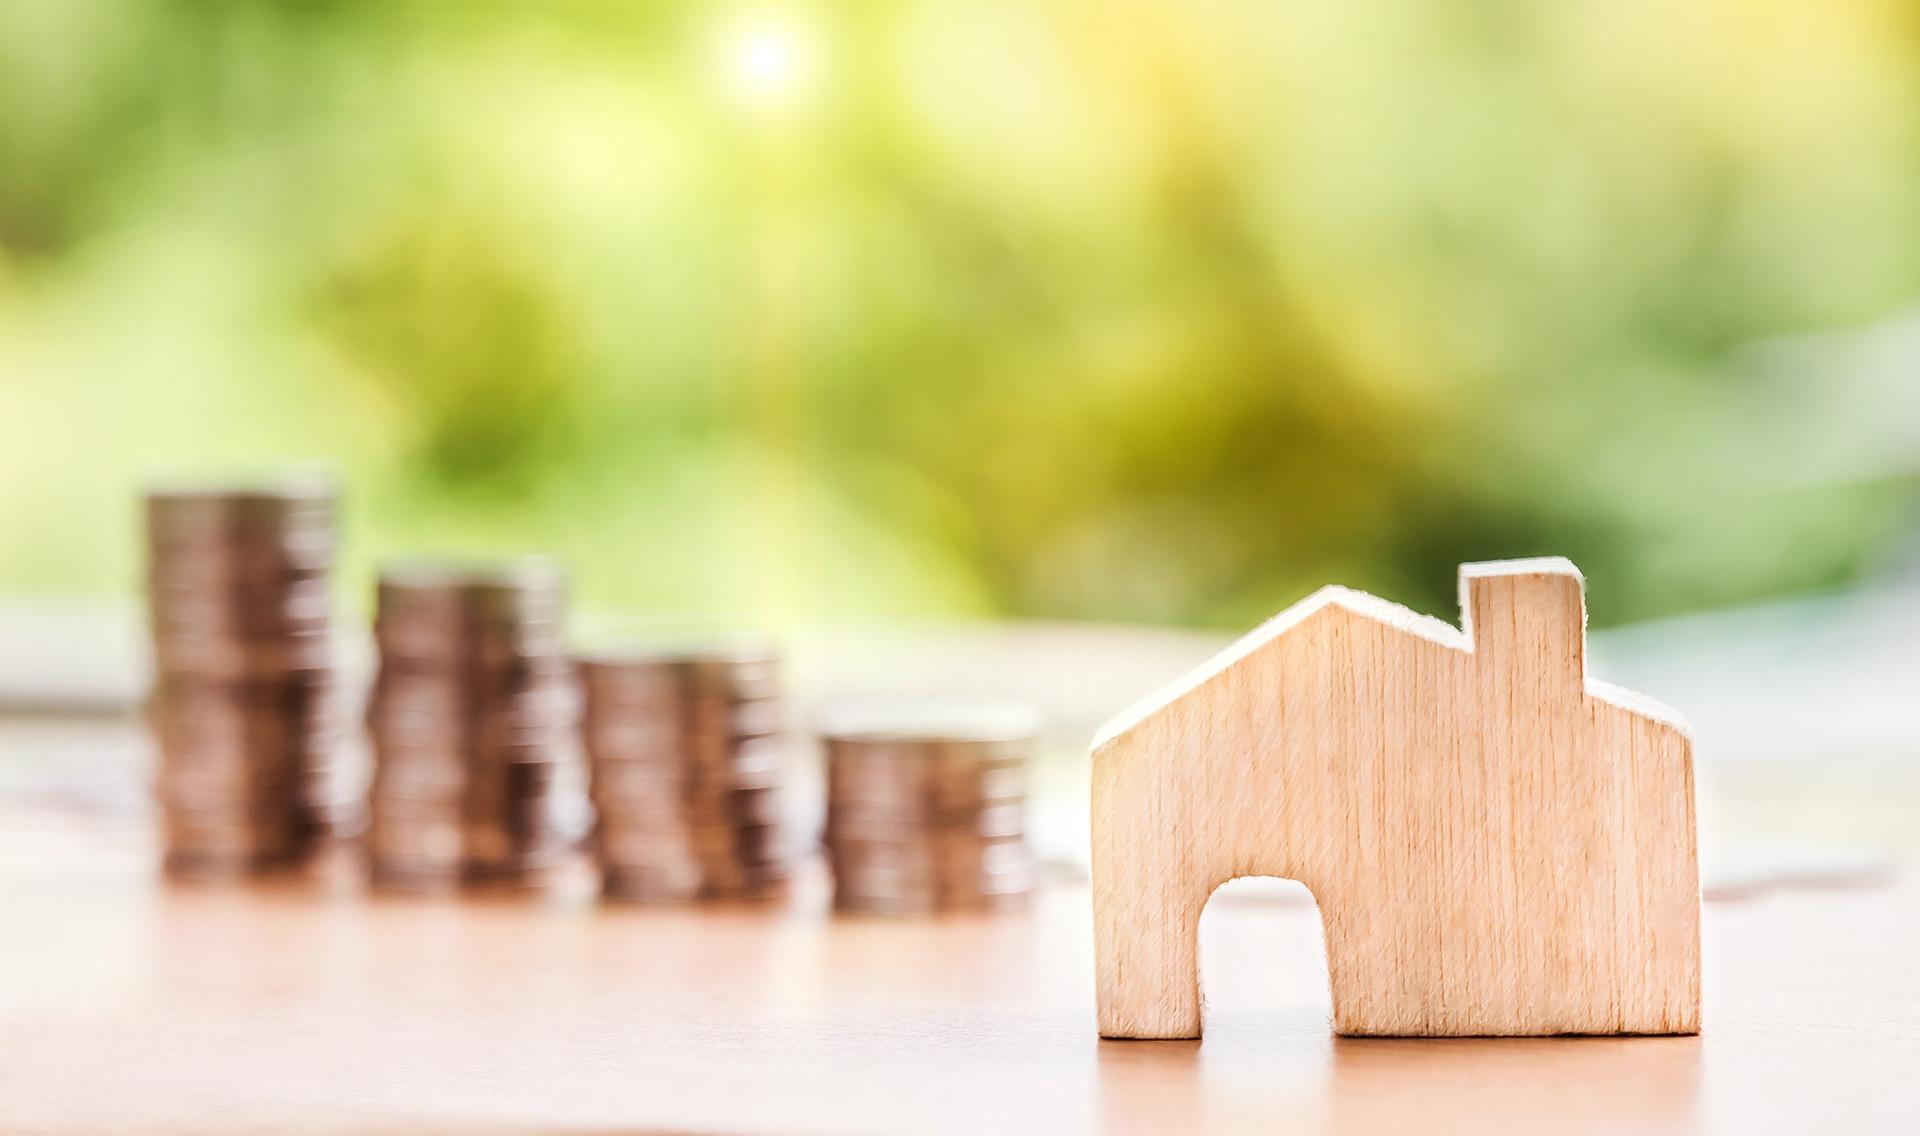 Woningkopers denken niet aan scheiding bij afsluiten van hypotheek